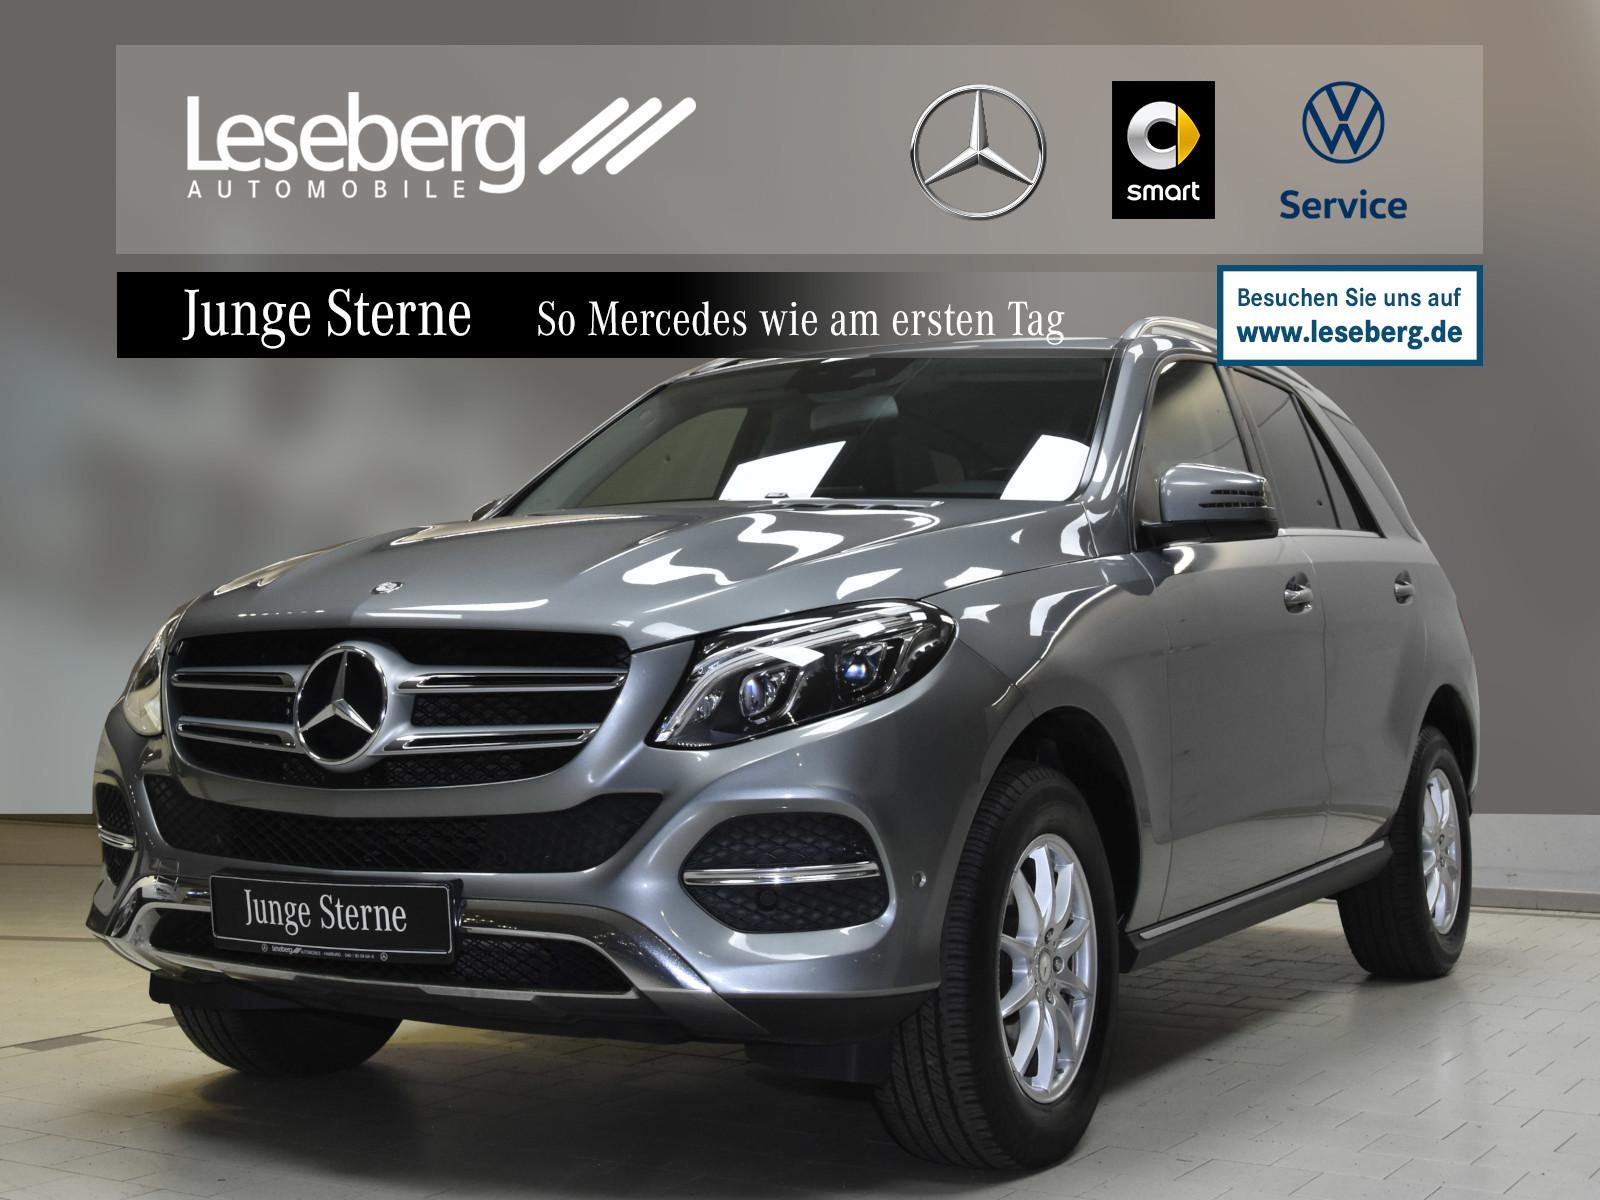 """Mercedes-Benz GLE 350 d 4M 9G/LED/SHD/Comand/PTS/SHZ/DWA/LM17"""", Jahr 2016, diesel"""